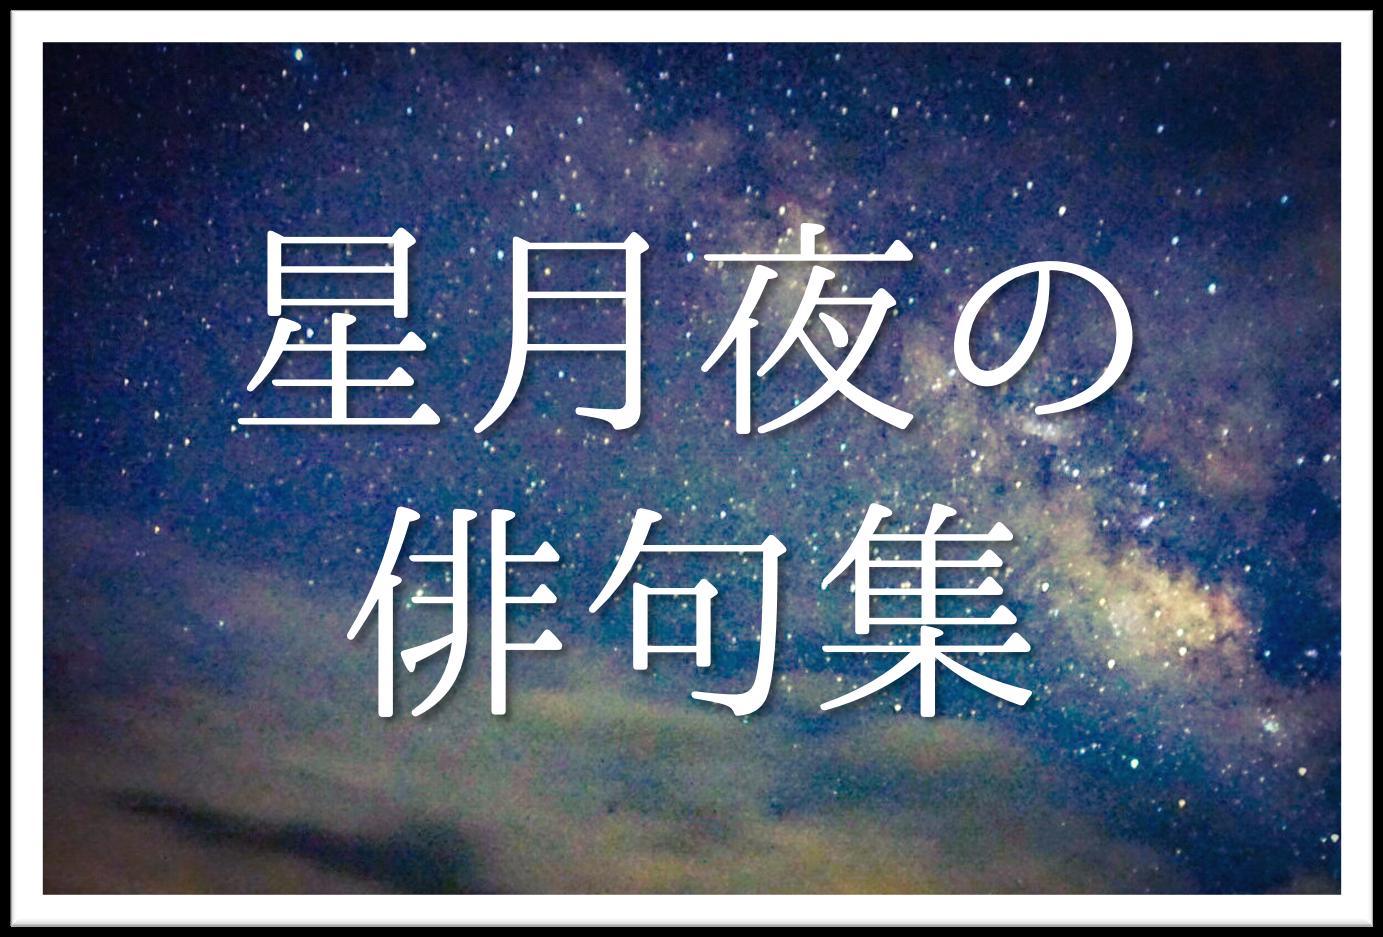 【星月夜の俳句 20選】知っておきたい!!季語を含む有名&中学生向け素人俳句を紹介!